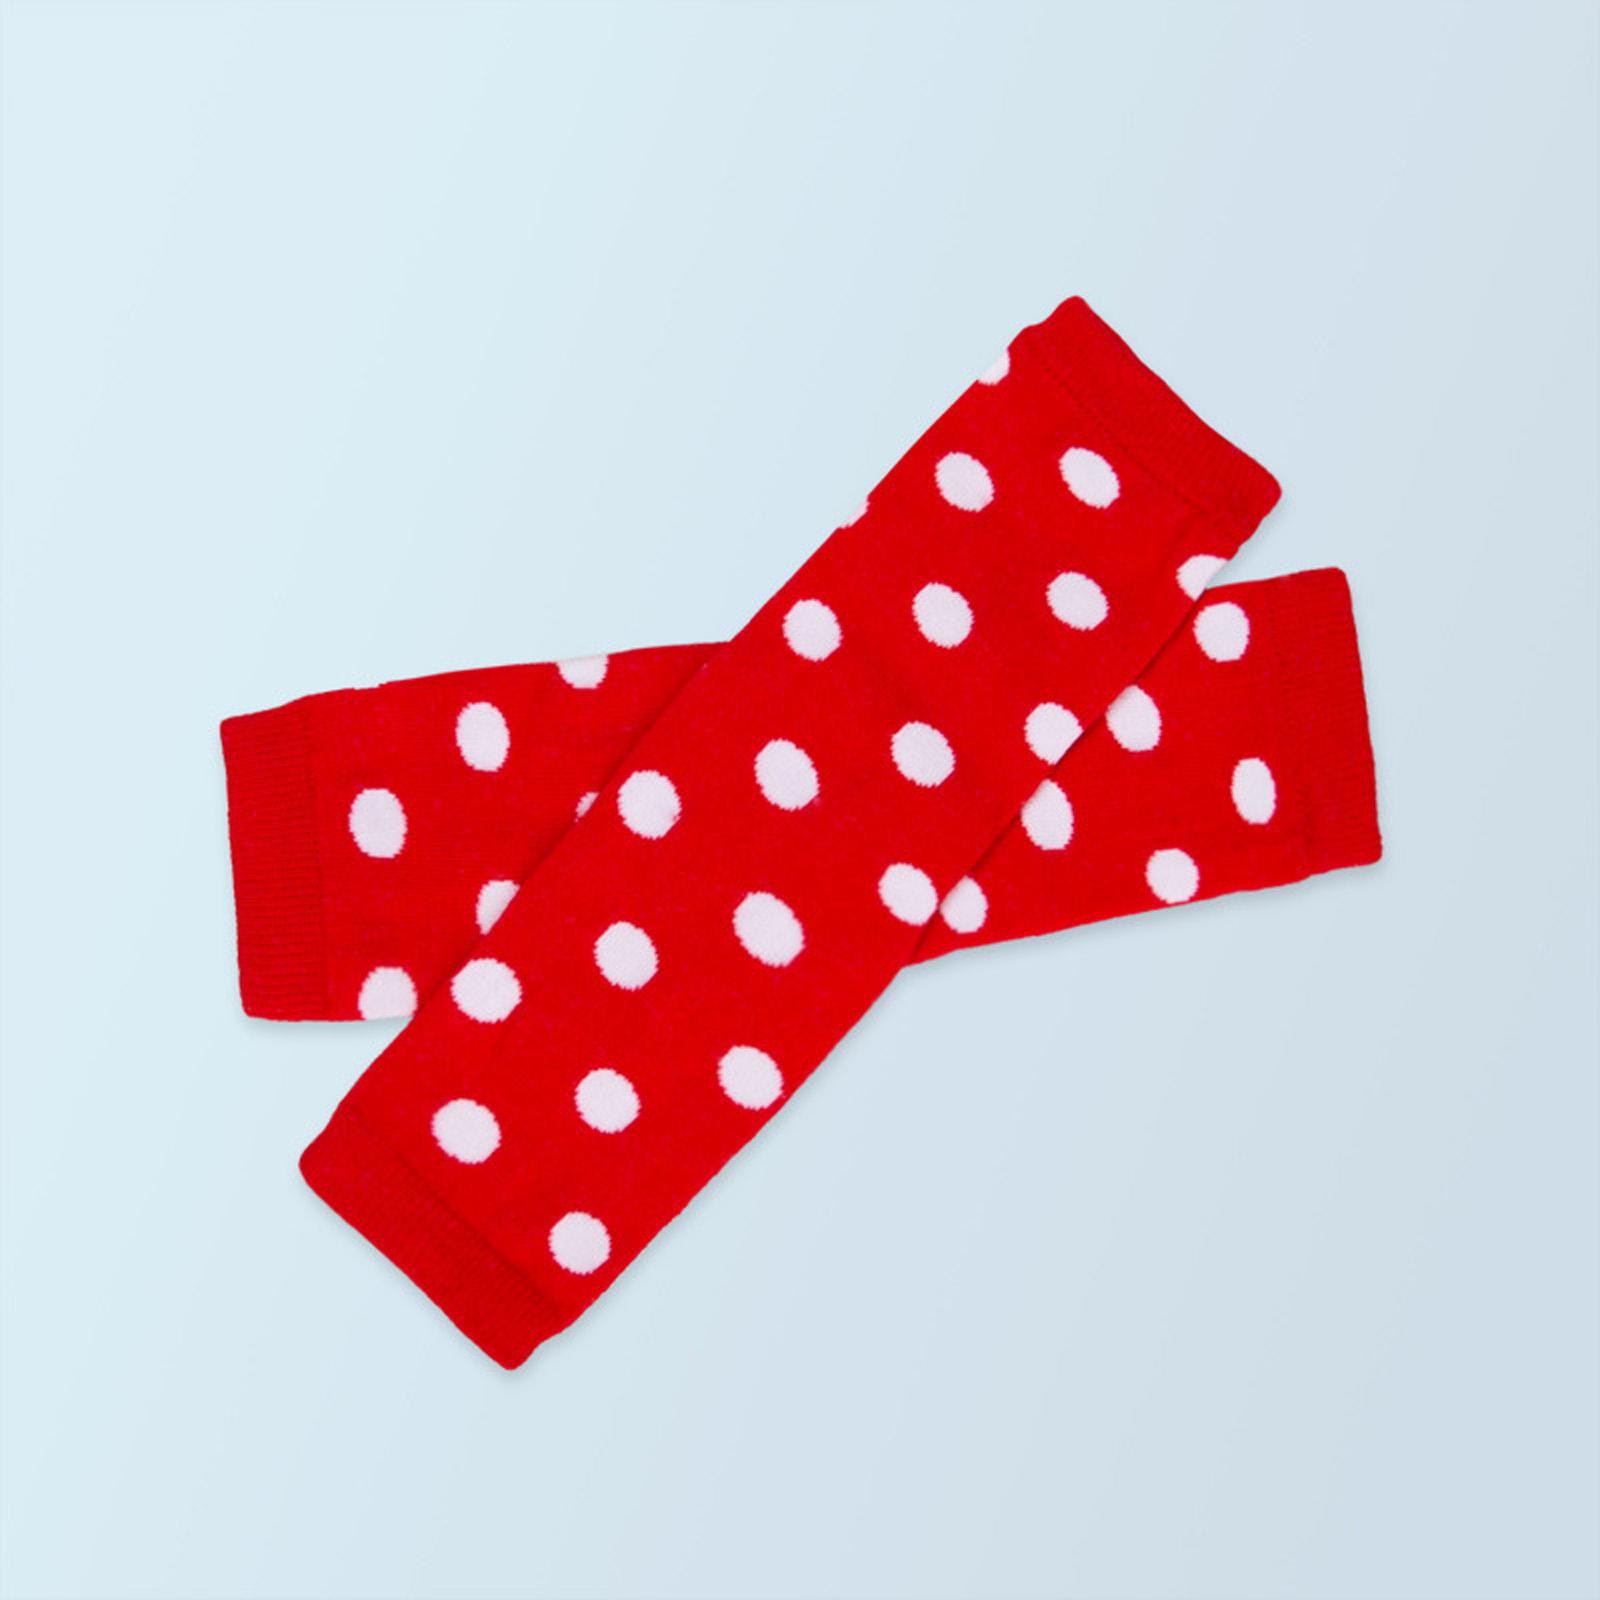 220 Tejano colegial col Coderas para proteger tu ropa y reparaci/ón de pantalones camisas 1 par de coderas//rodilleras tejano termoadhesivas de plancha jerseys chaquetas 16 x 9,5 cm